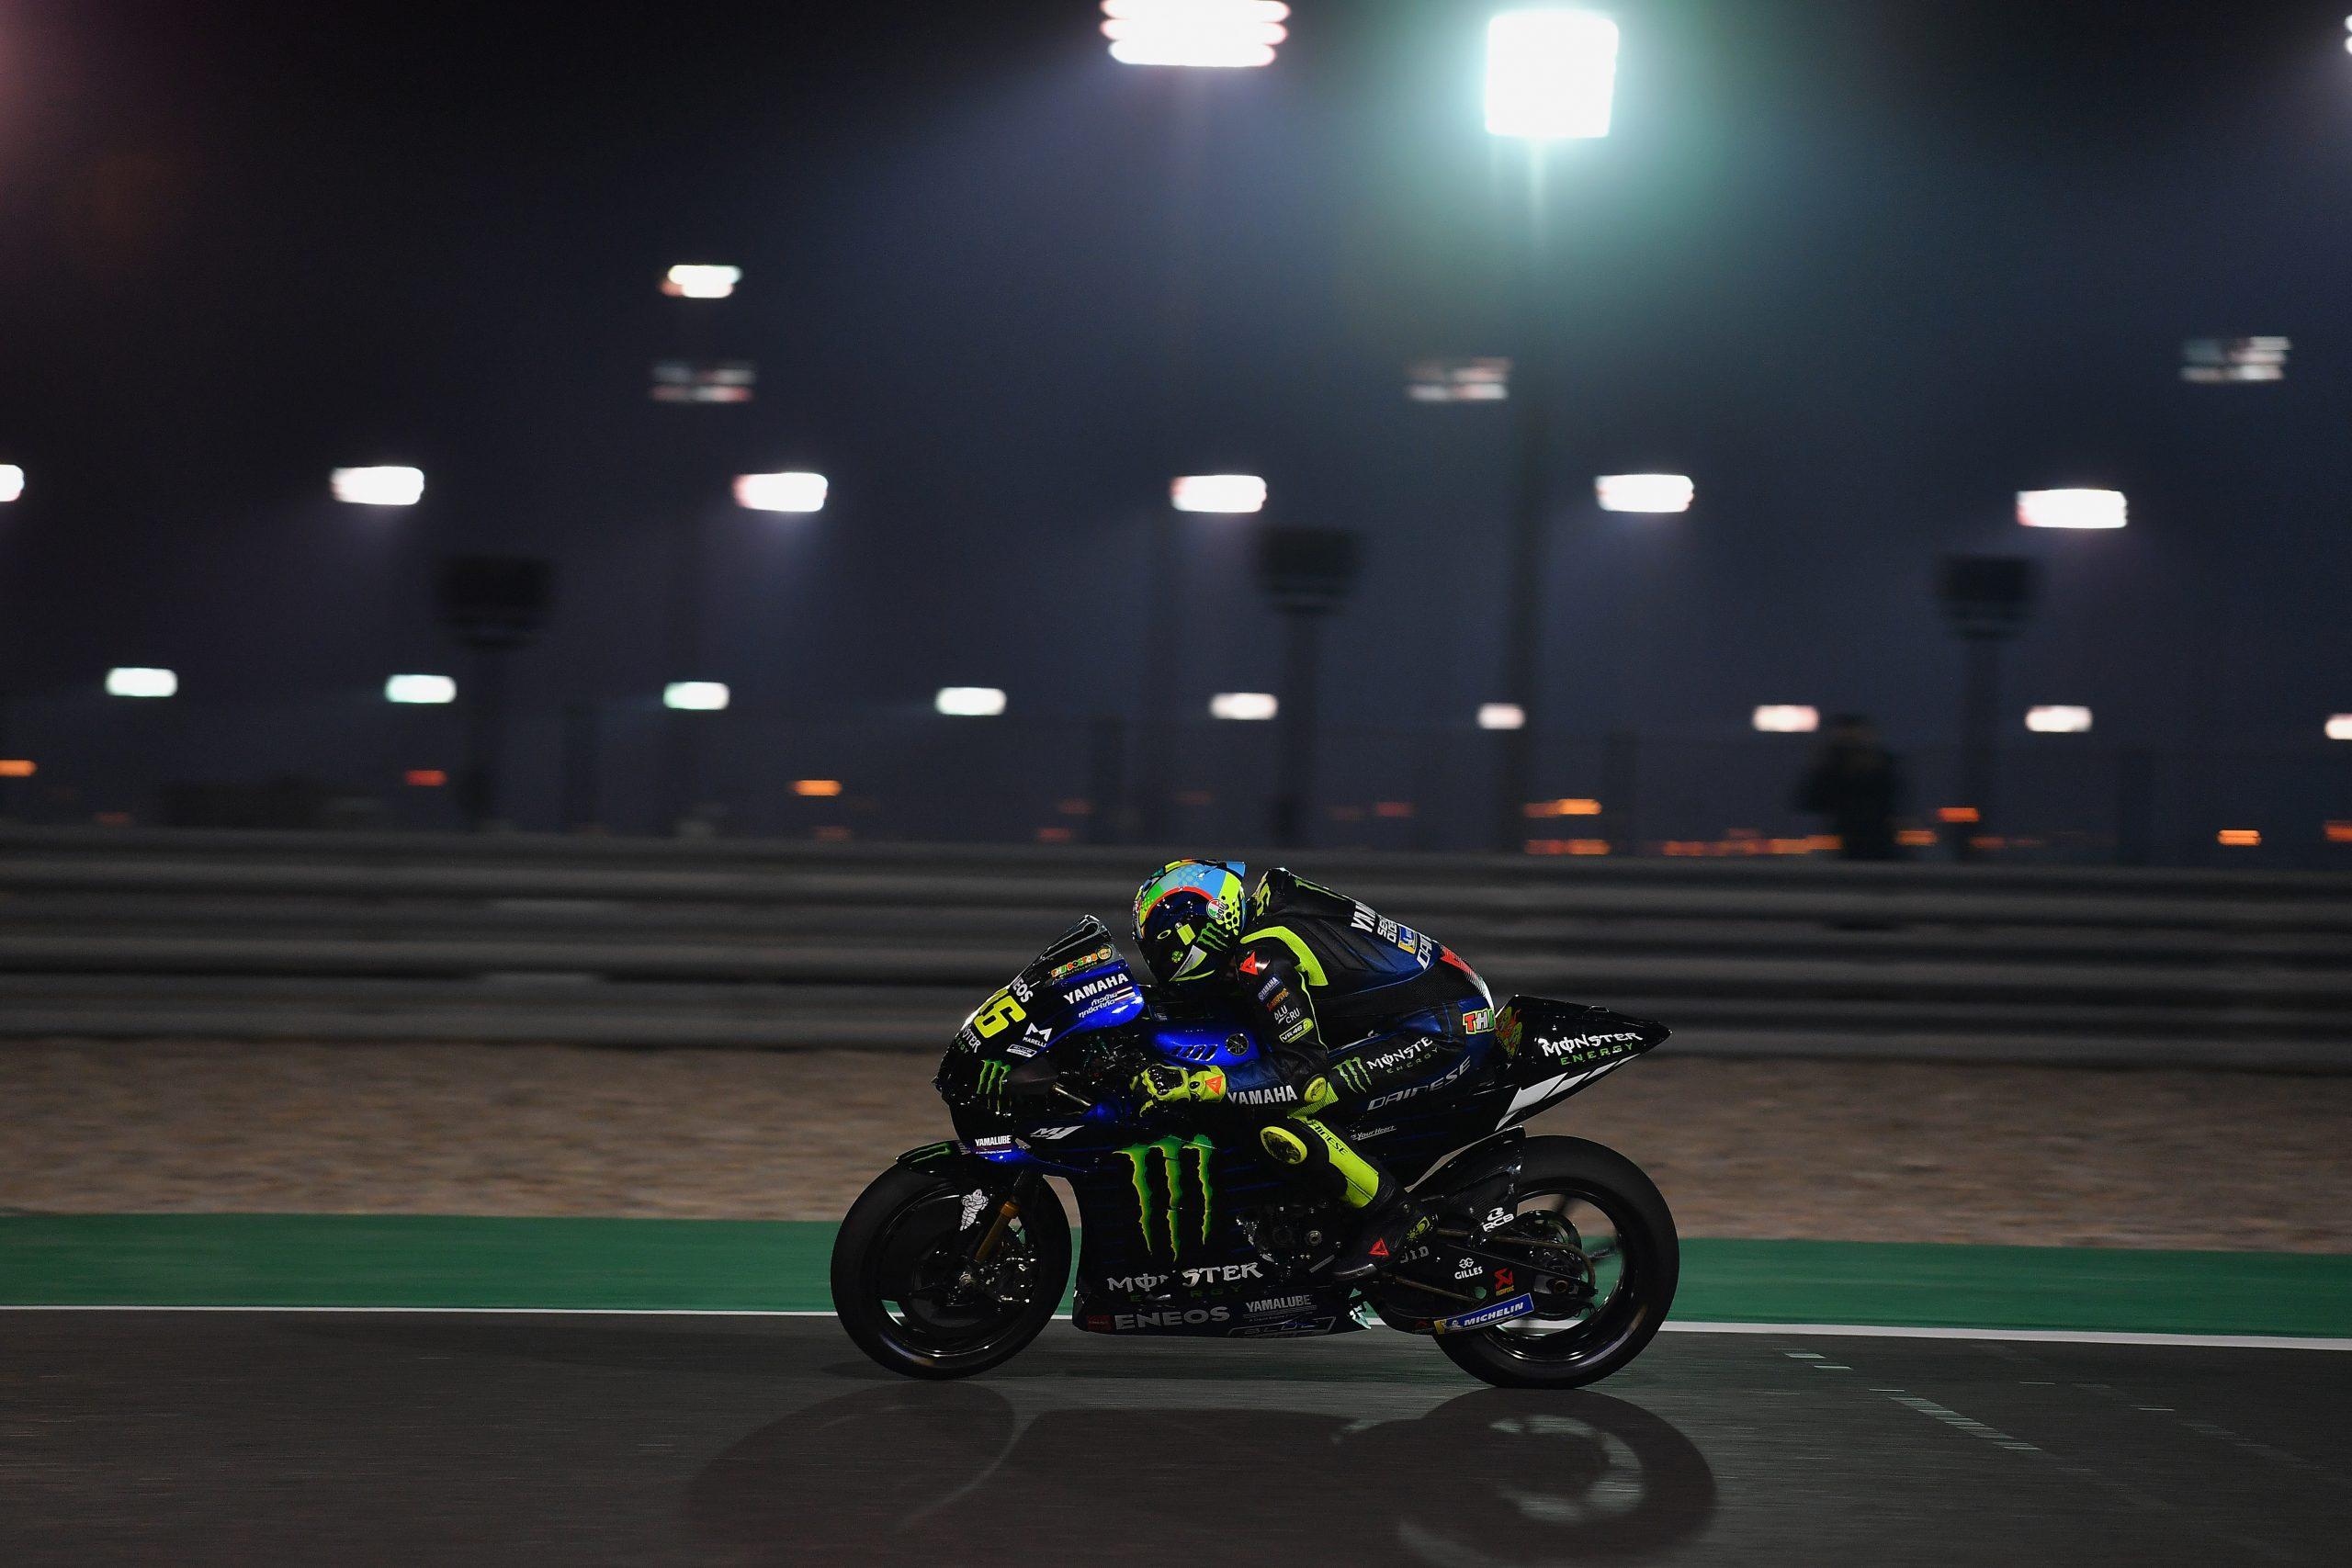 Valentino Rossi w akcji przy sztucznym oświetleniu toru Losail – testy MotoGP w Katarze